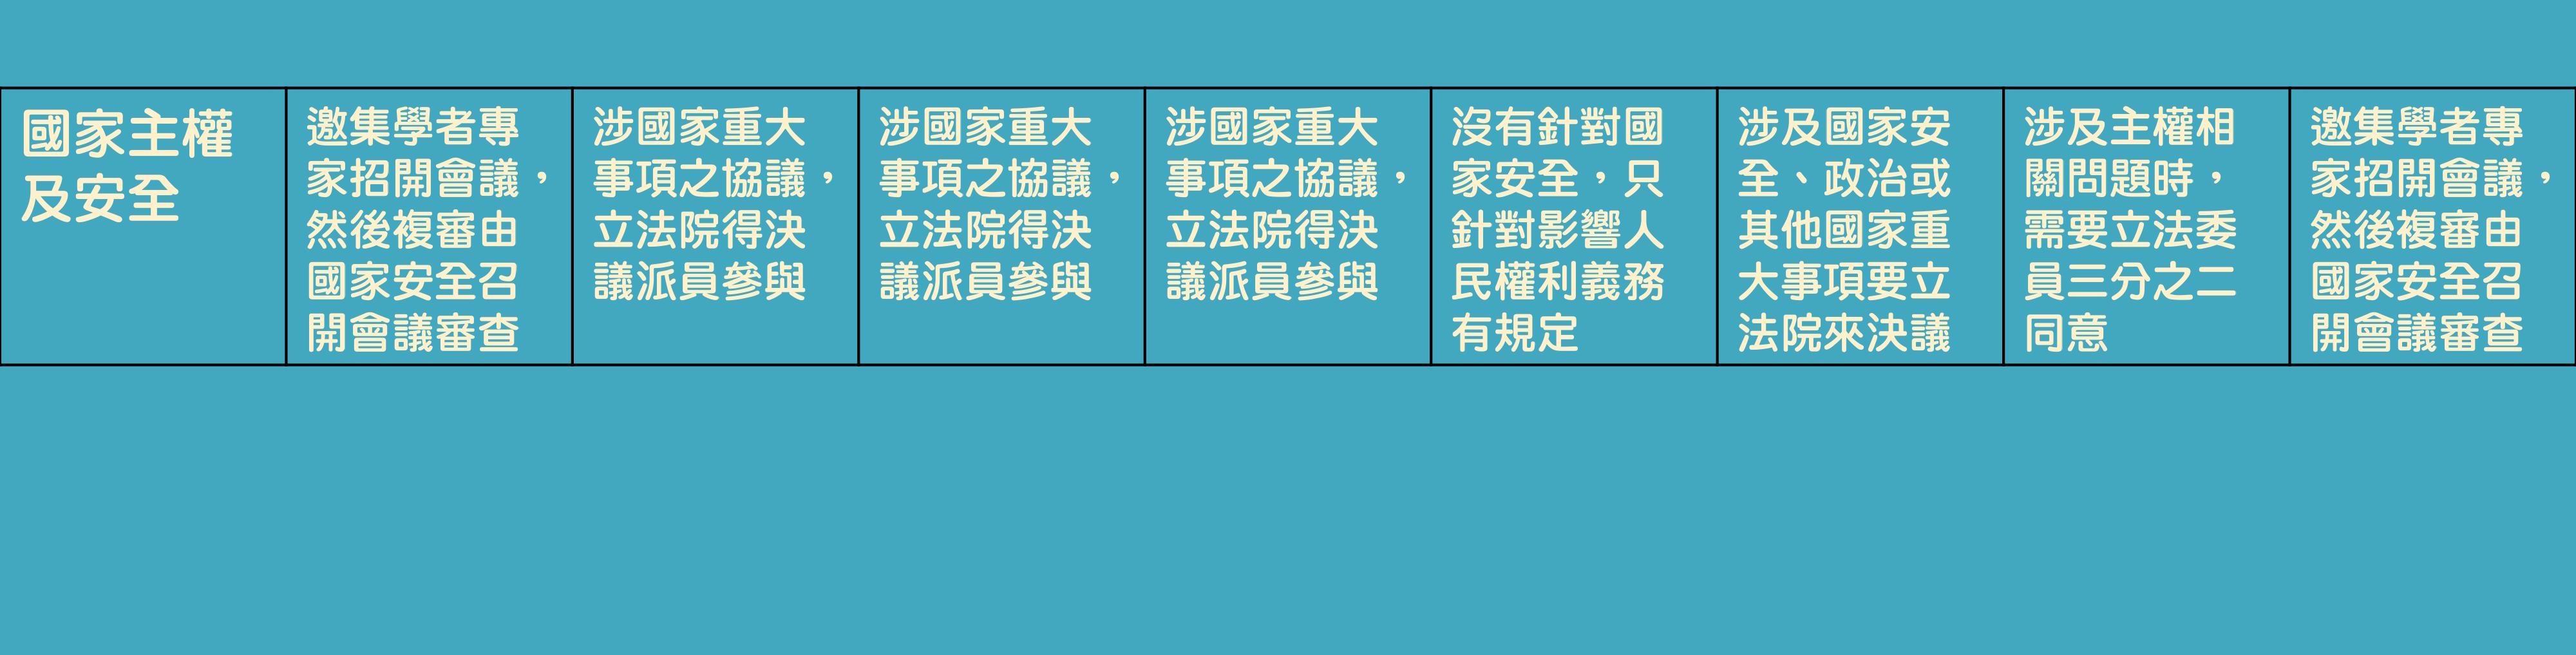 Image 拷貝.jpg